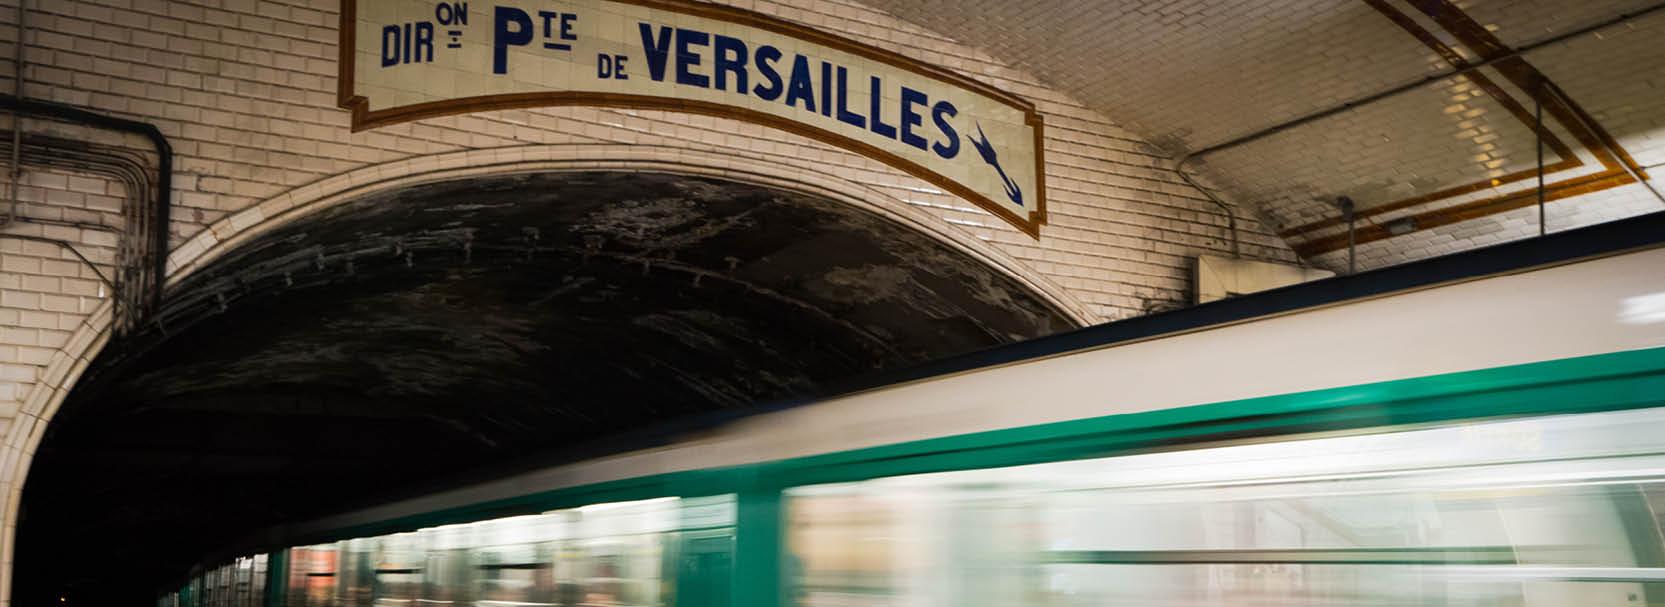 Nächste Station:  Metro-Look